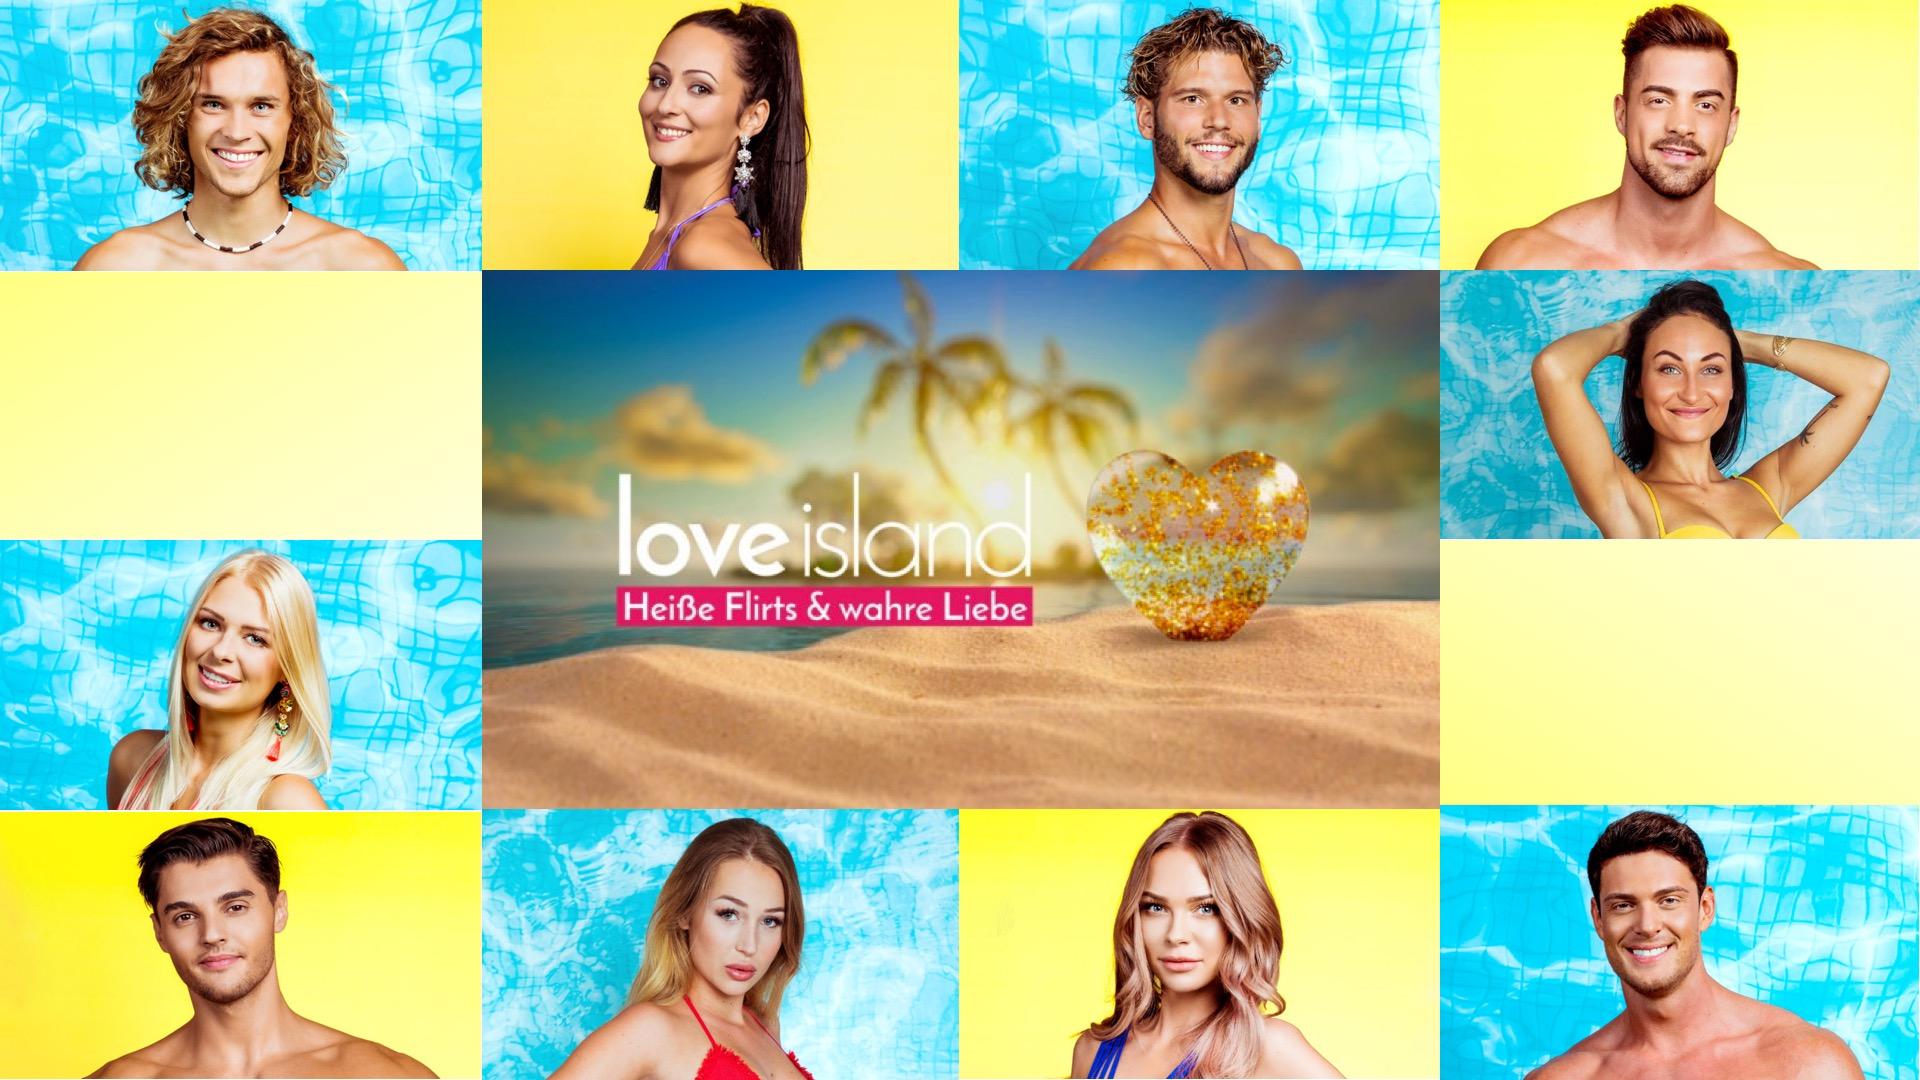 Mechele Love Island